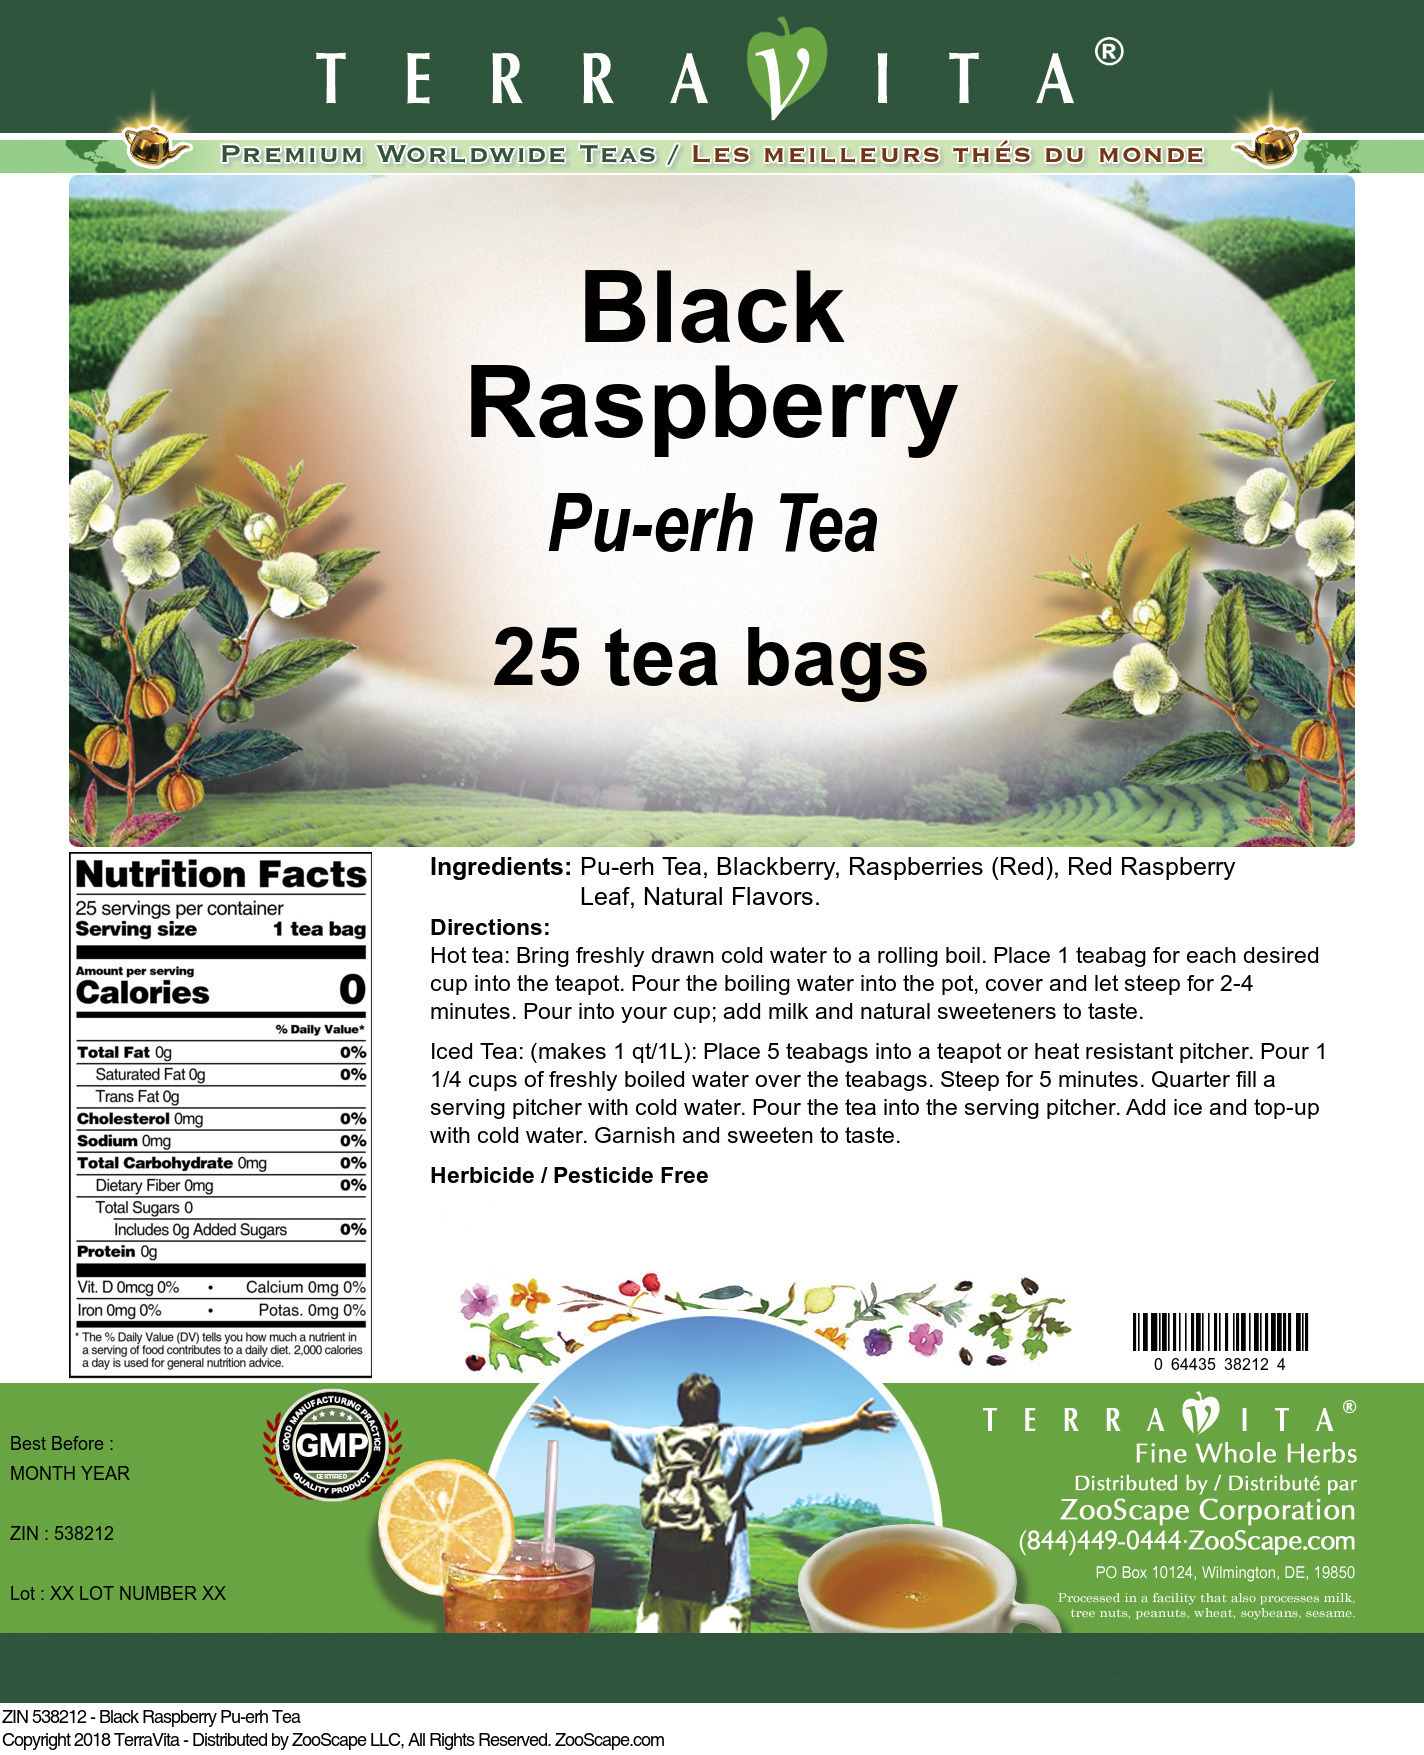 Black Raspberry Pu-erh Tea